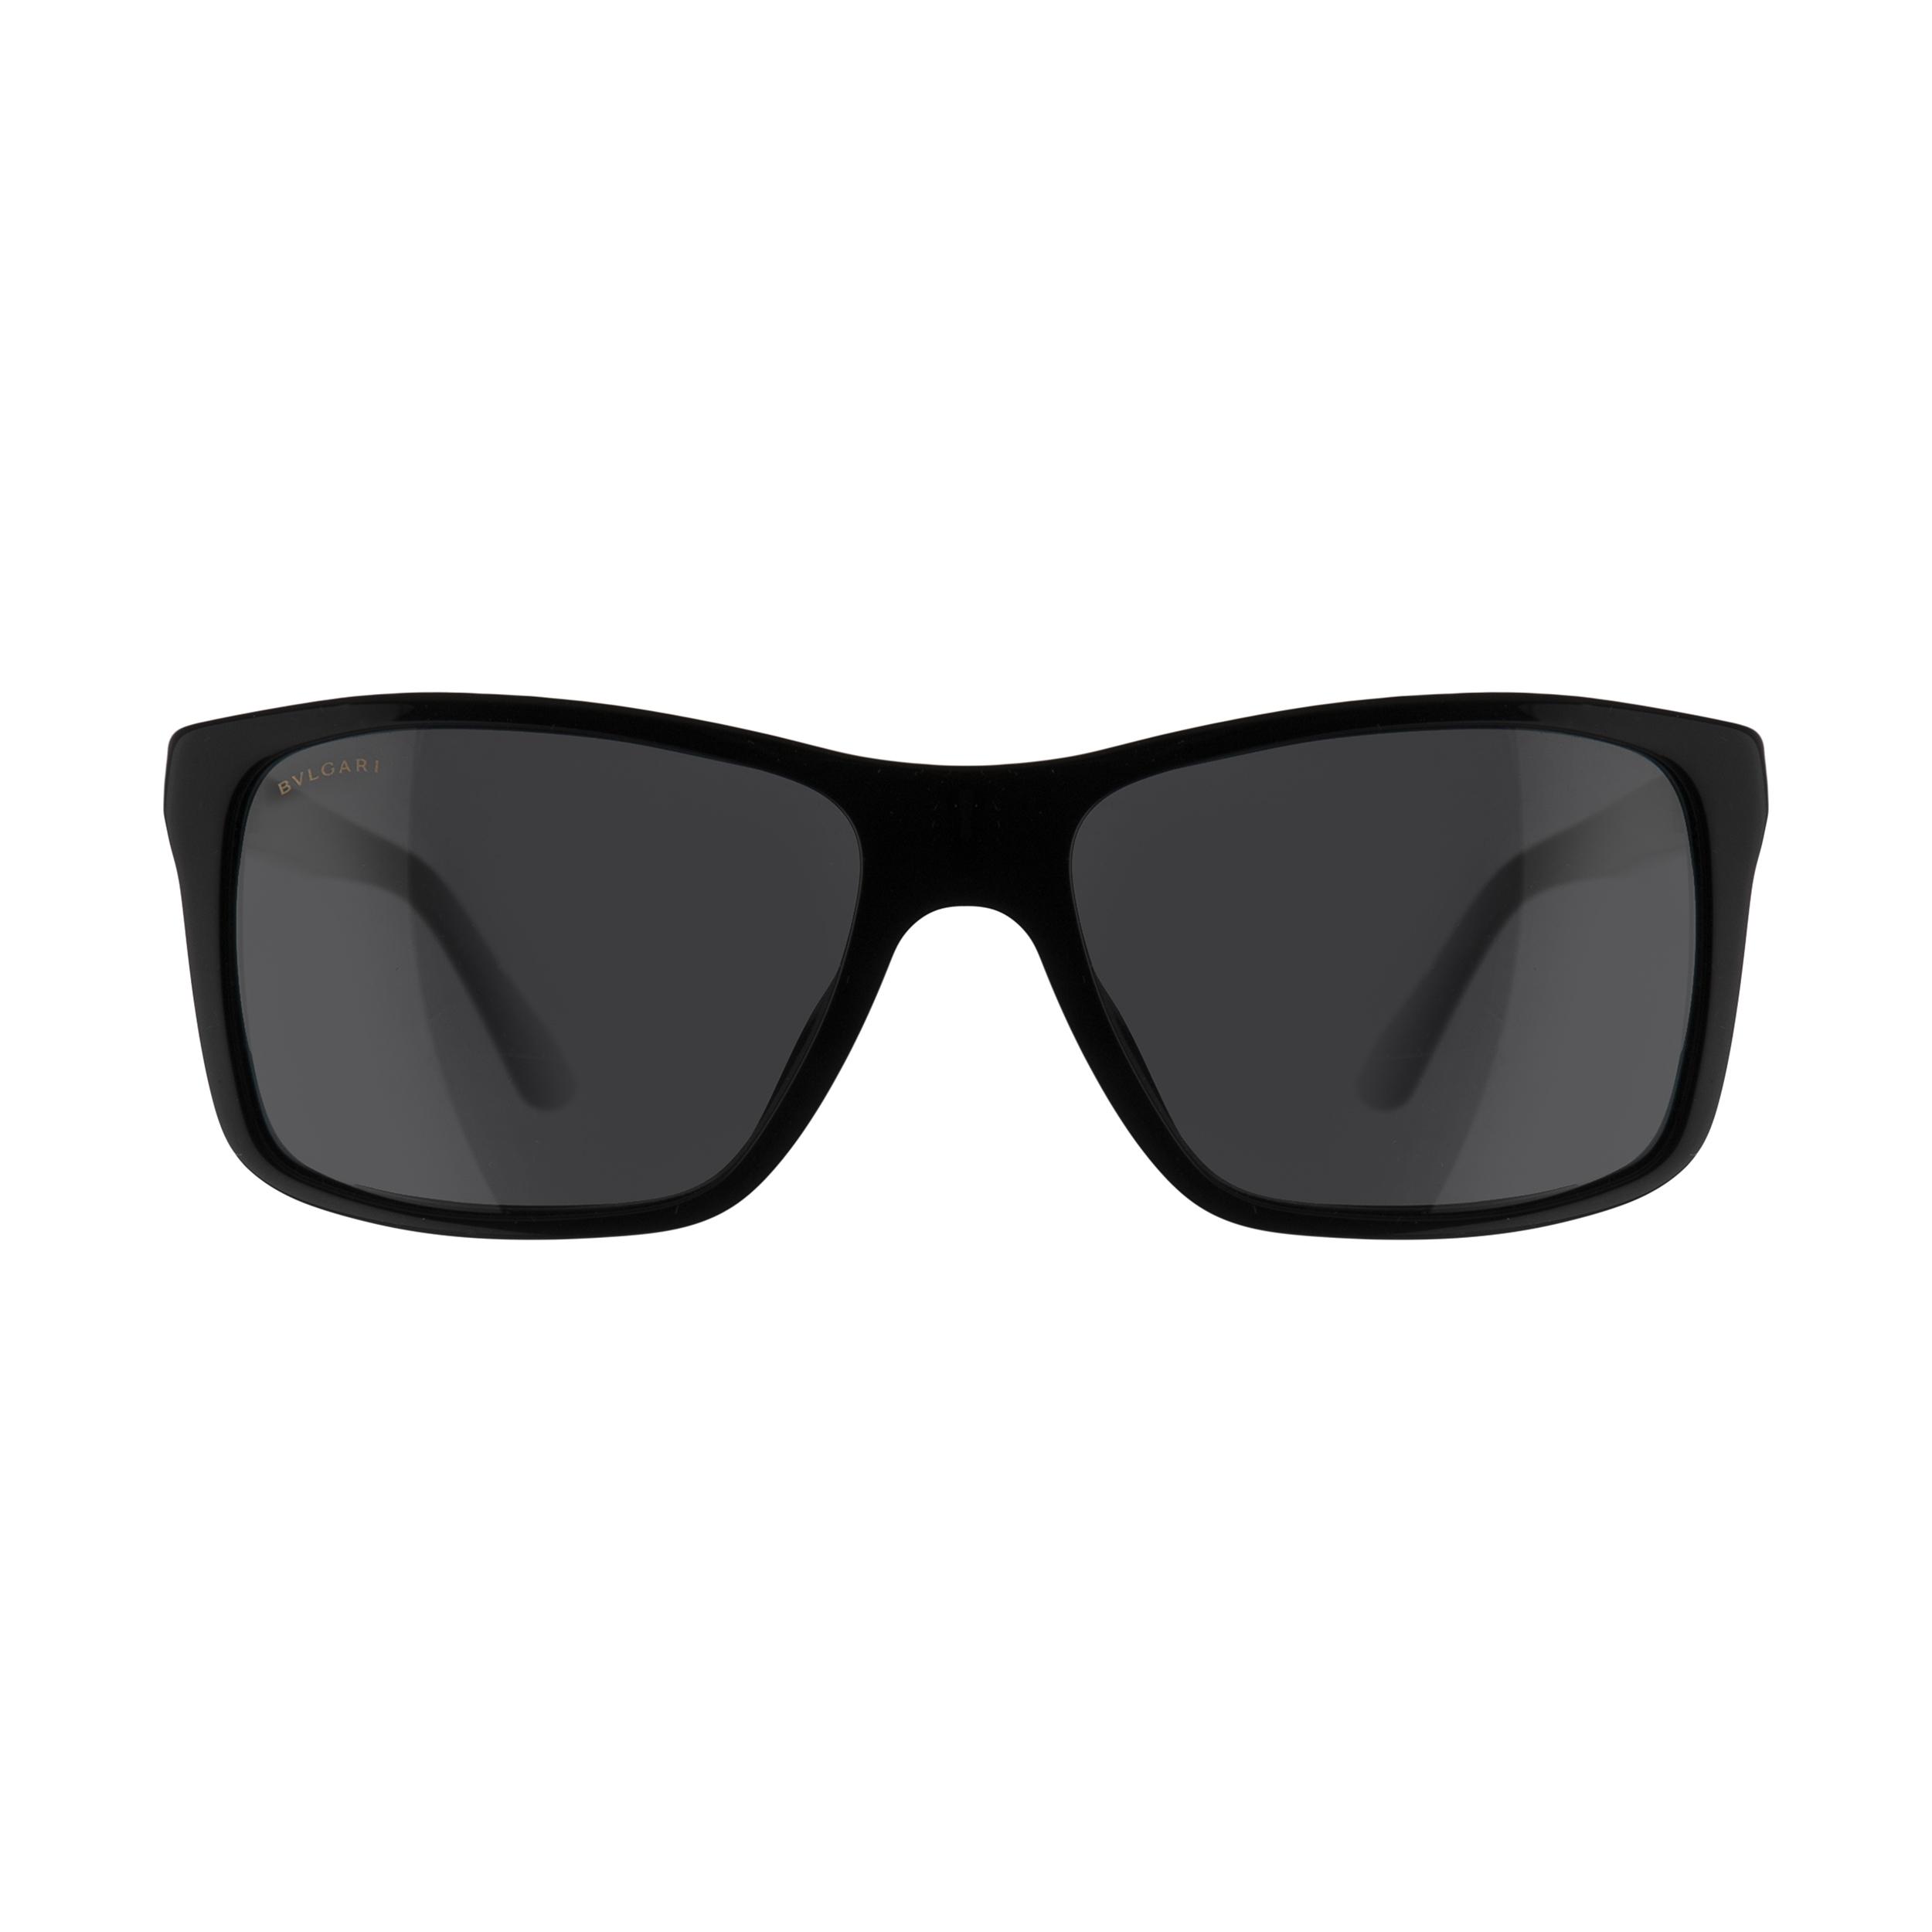 عینک آفتابی زنانه بولگاری مدل BV7015S 50187